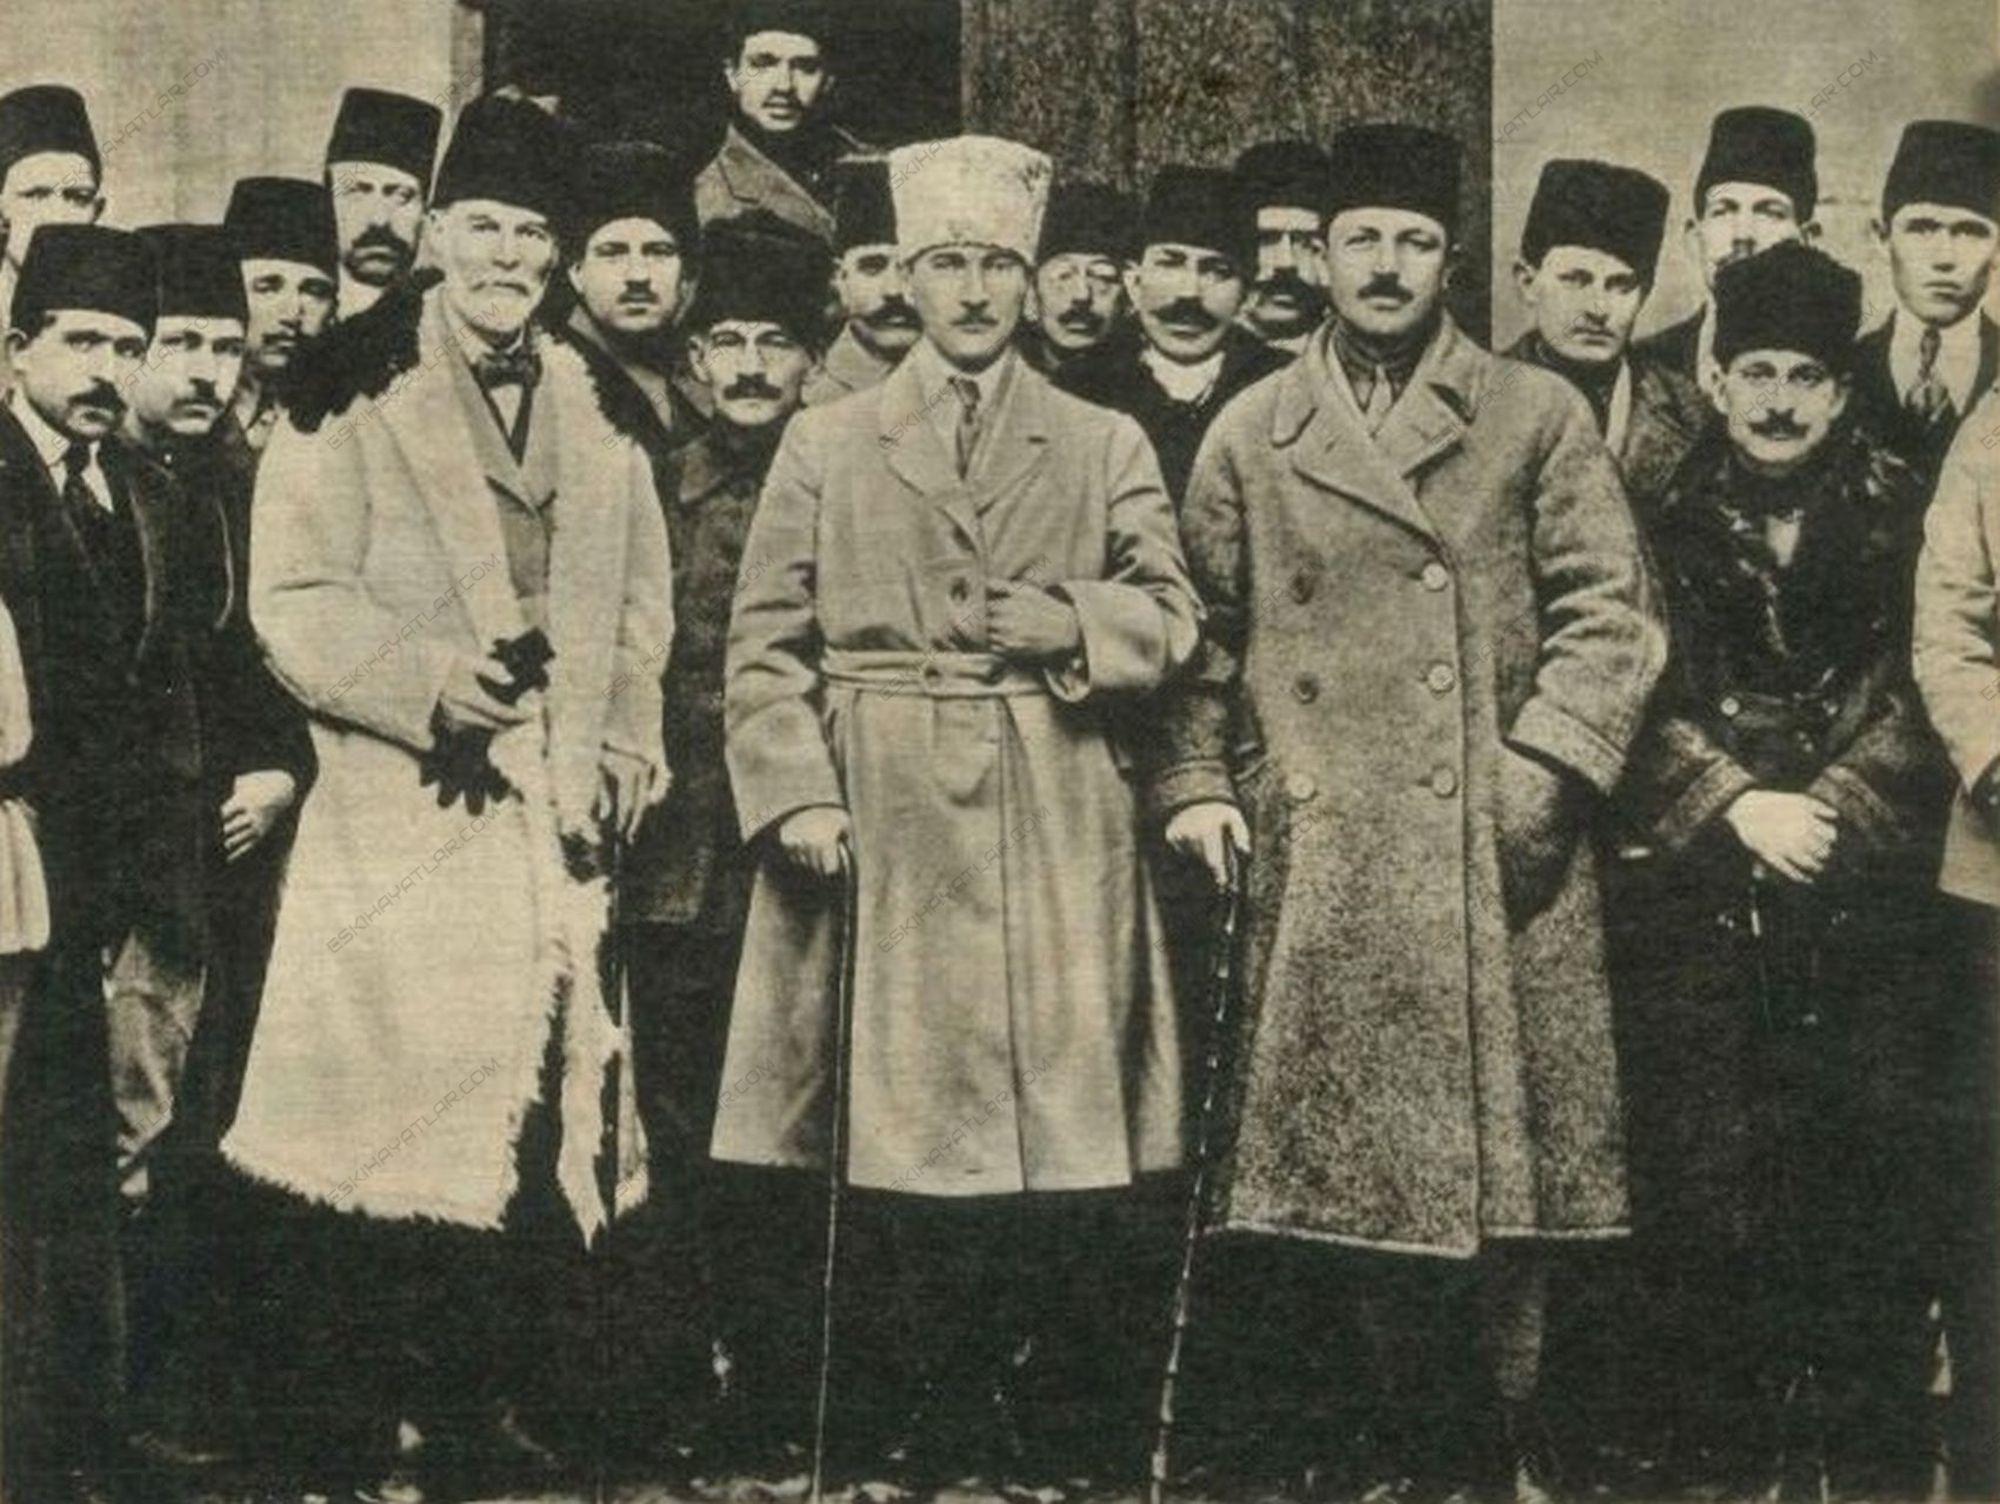 0650-mustafa-kemal-ataturk-istiklal-savasi-fotograflari-cumhuriyet-ilani-buyuk-taarruz-1983-hayat-dergisi-ozel-ekleri (14)